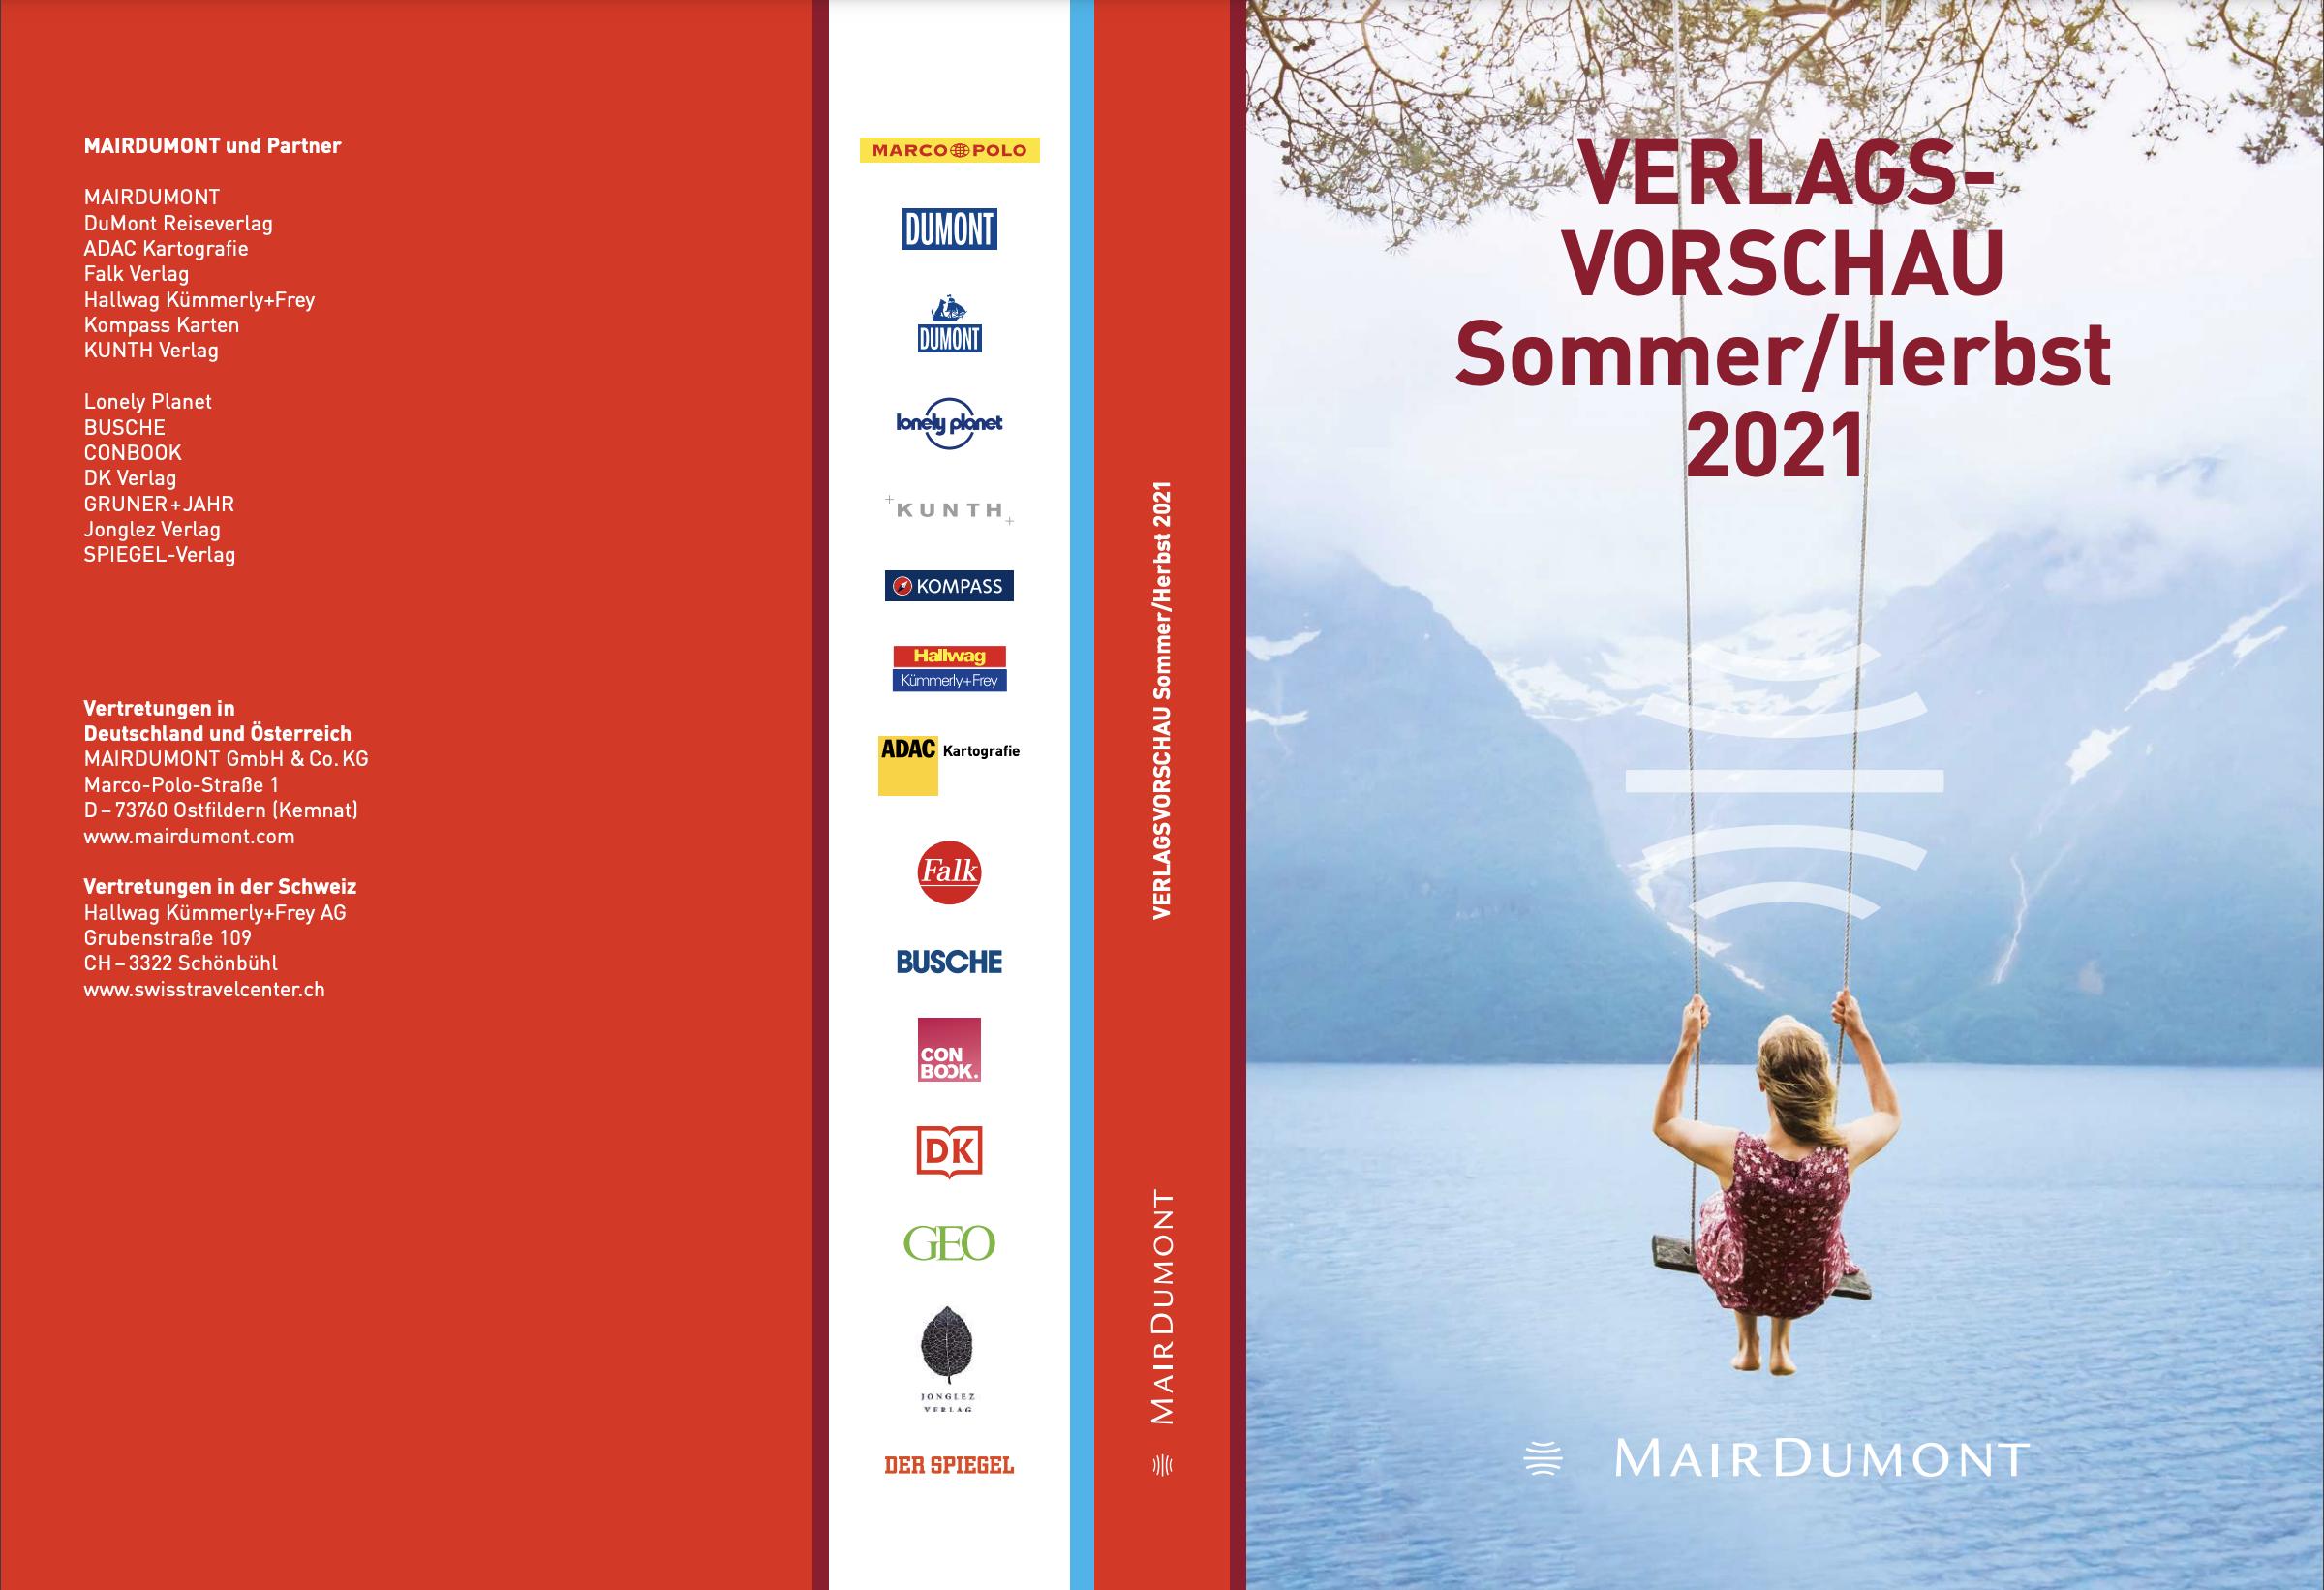 MairDumont Verlags-Vorschau Sommer 2019